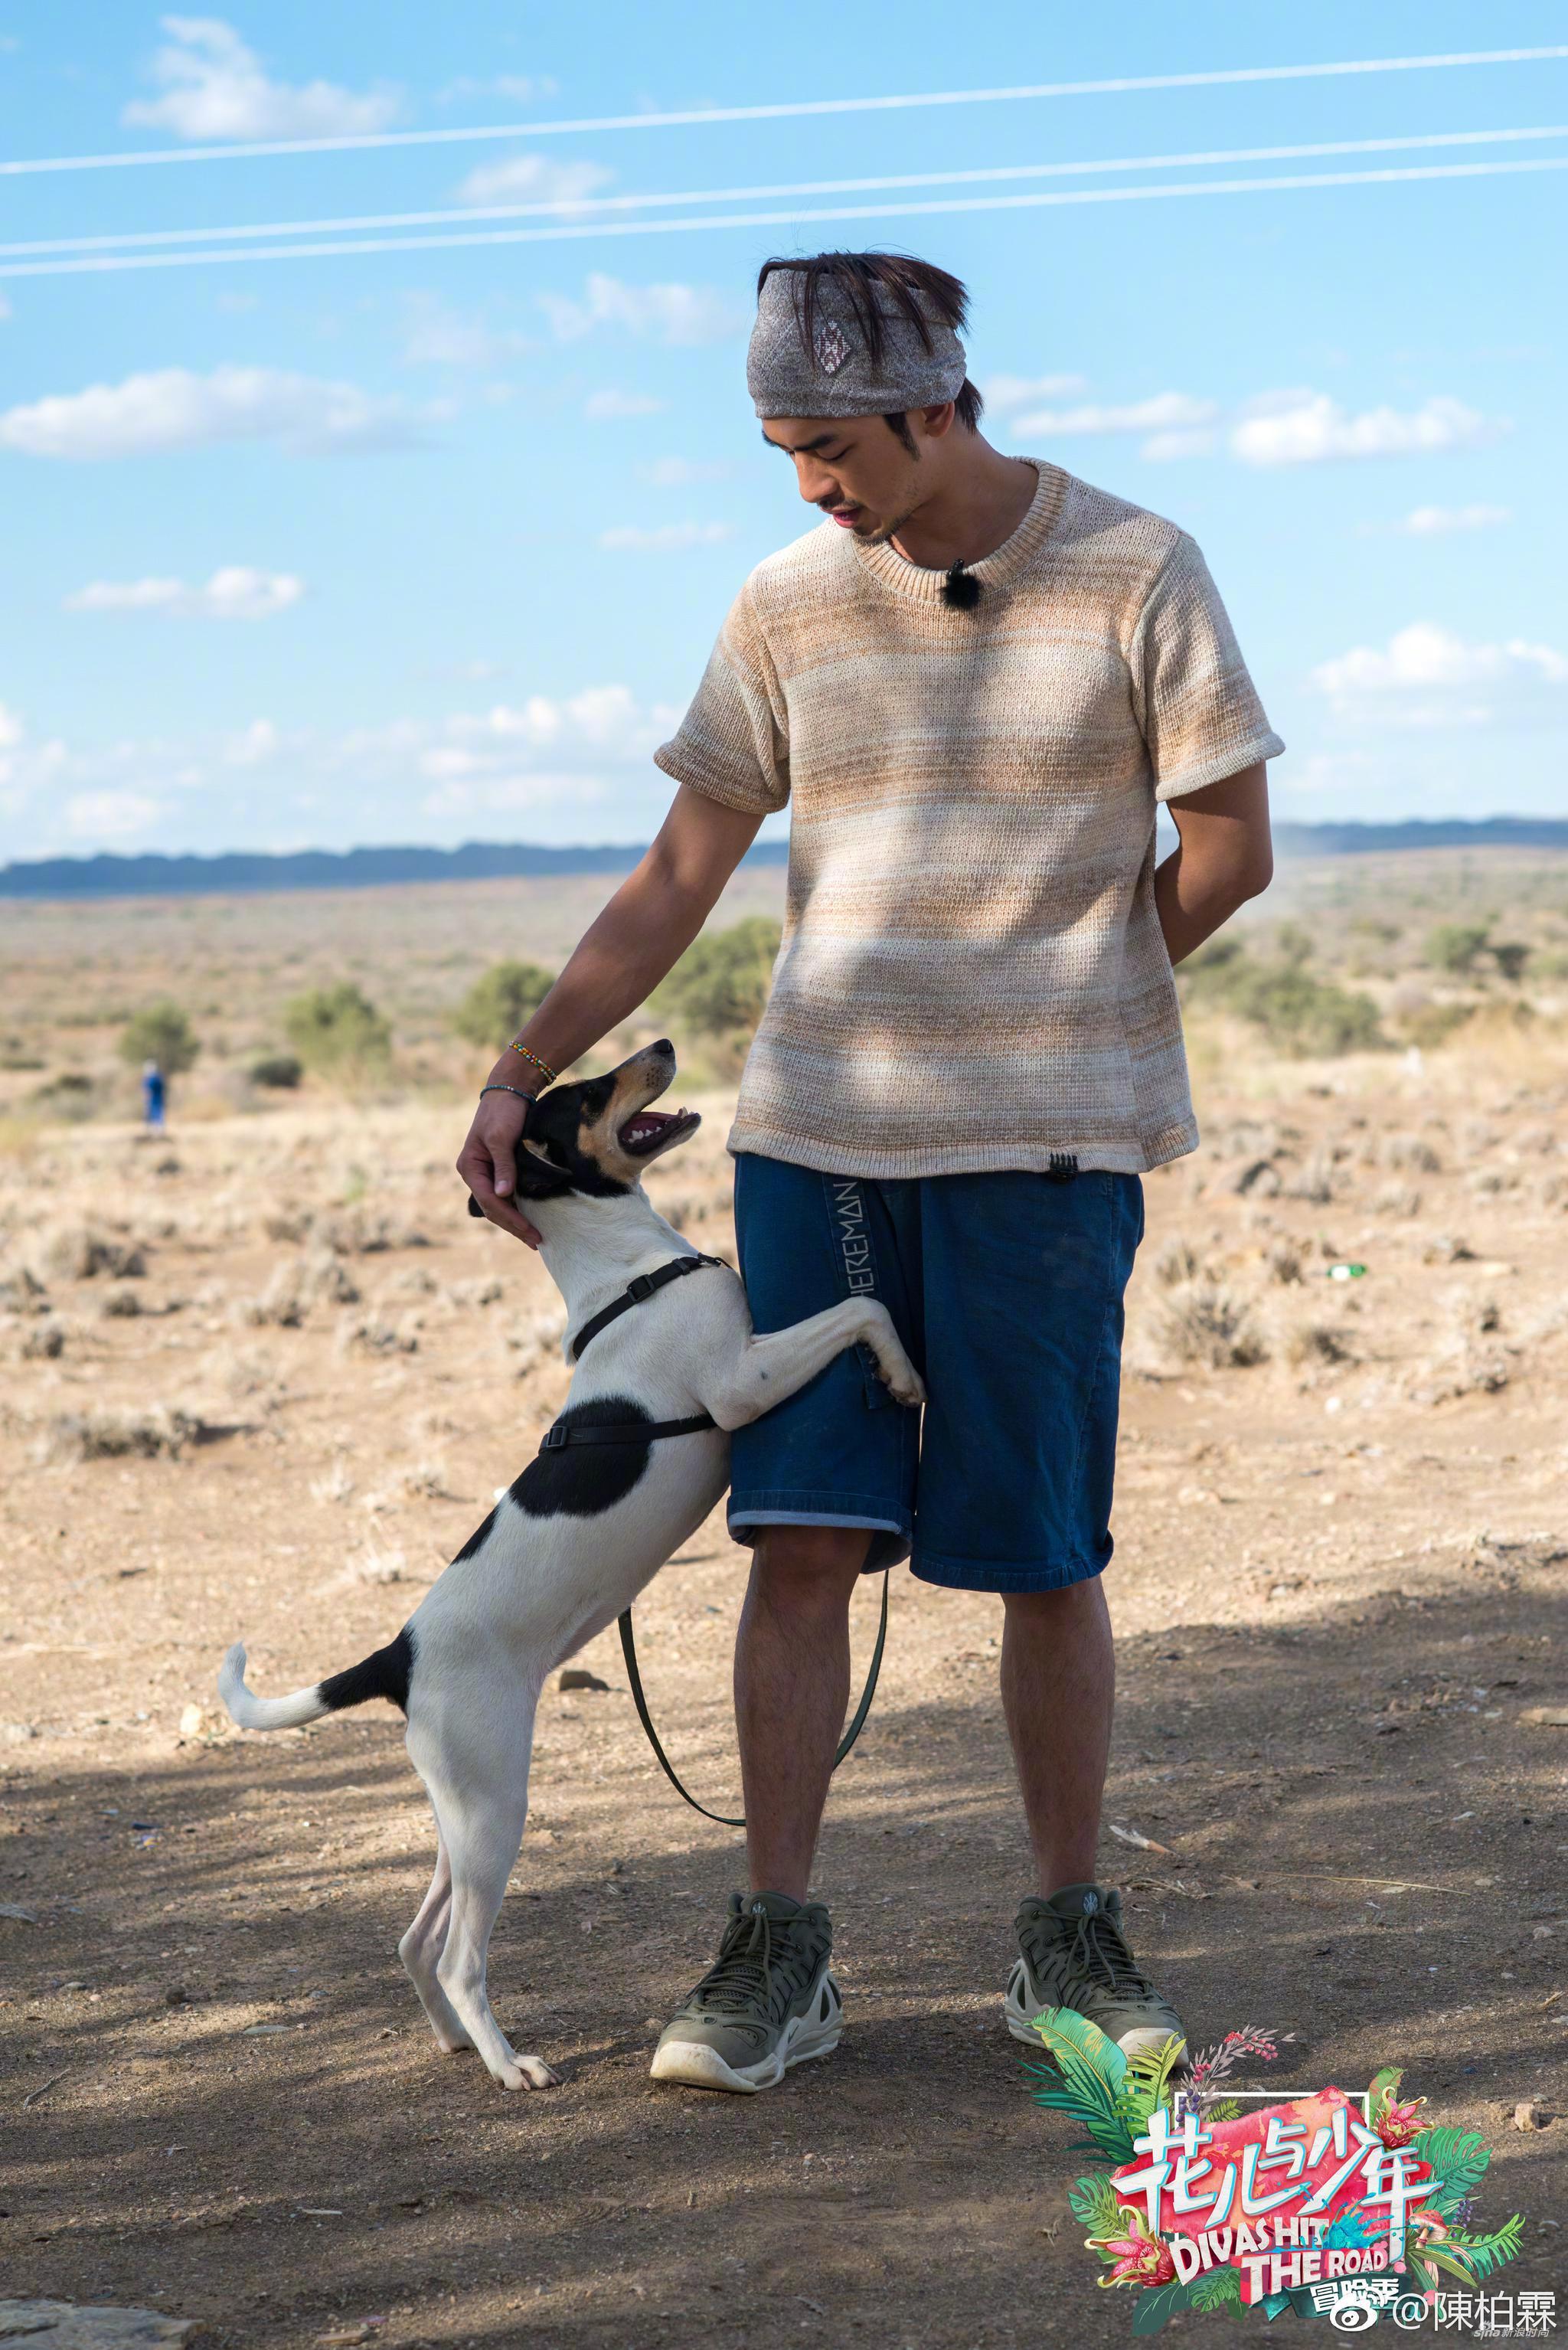 陪伴陈柏霖横穿纳米比亚的狗狗